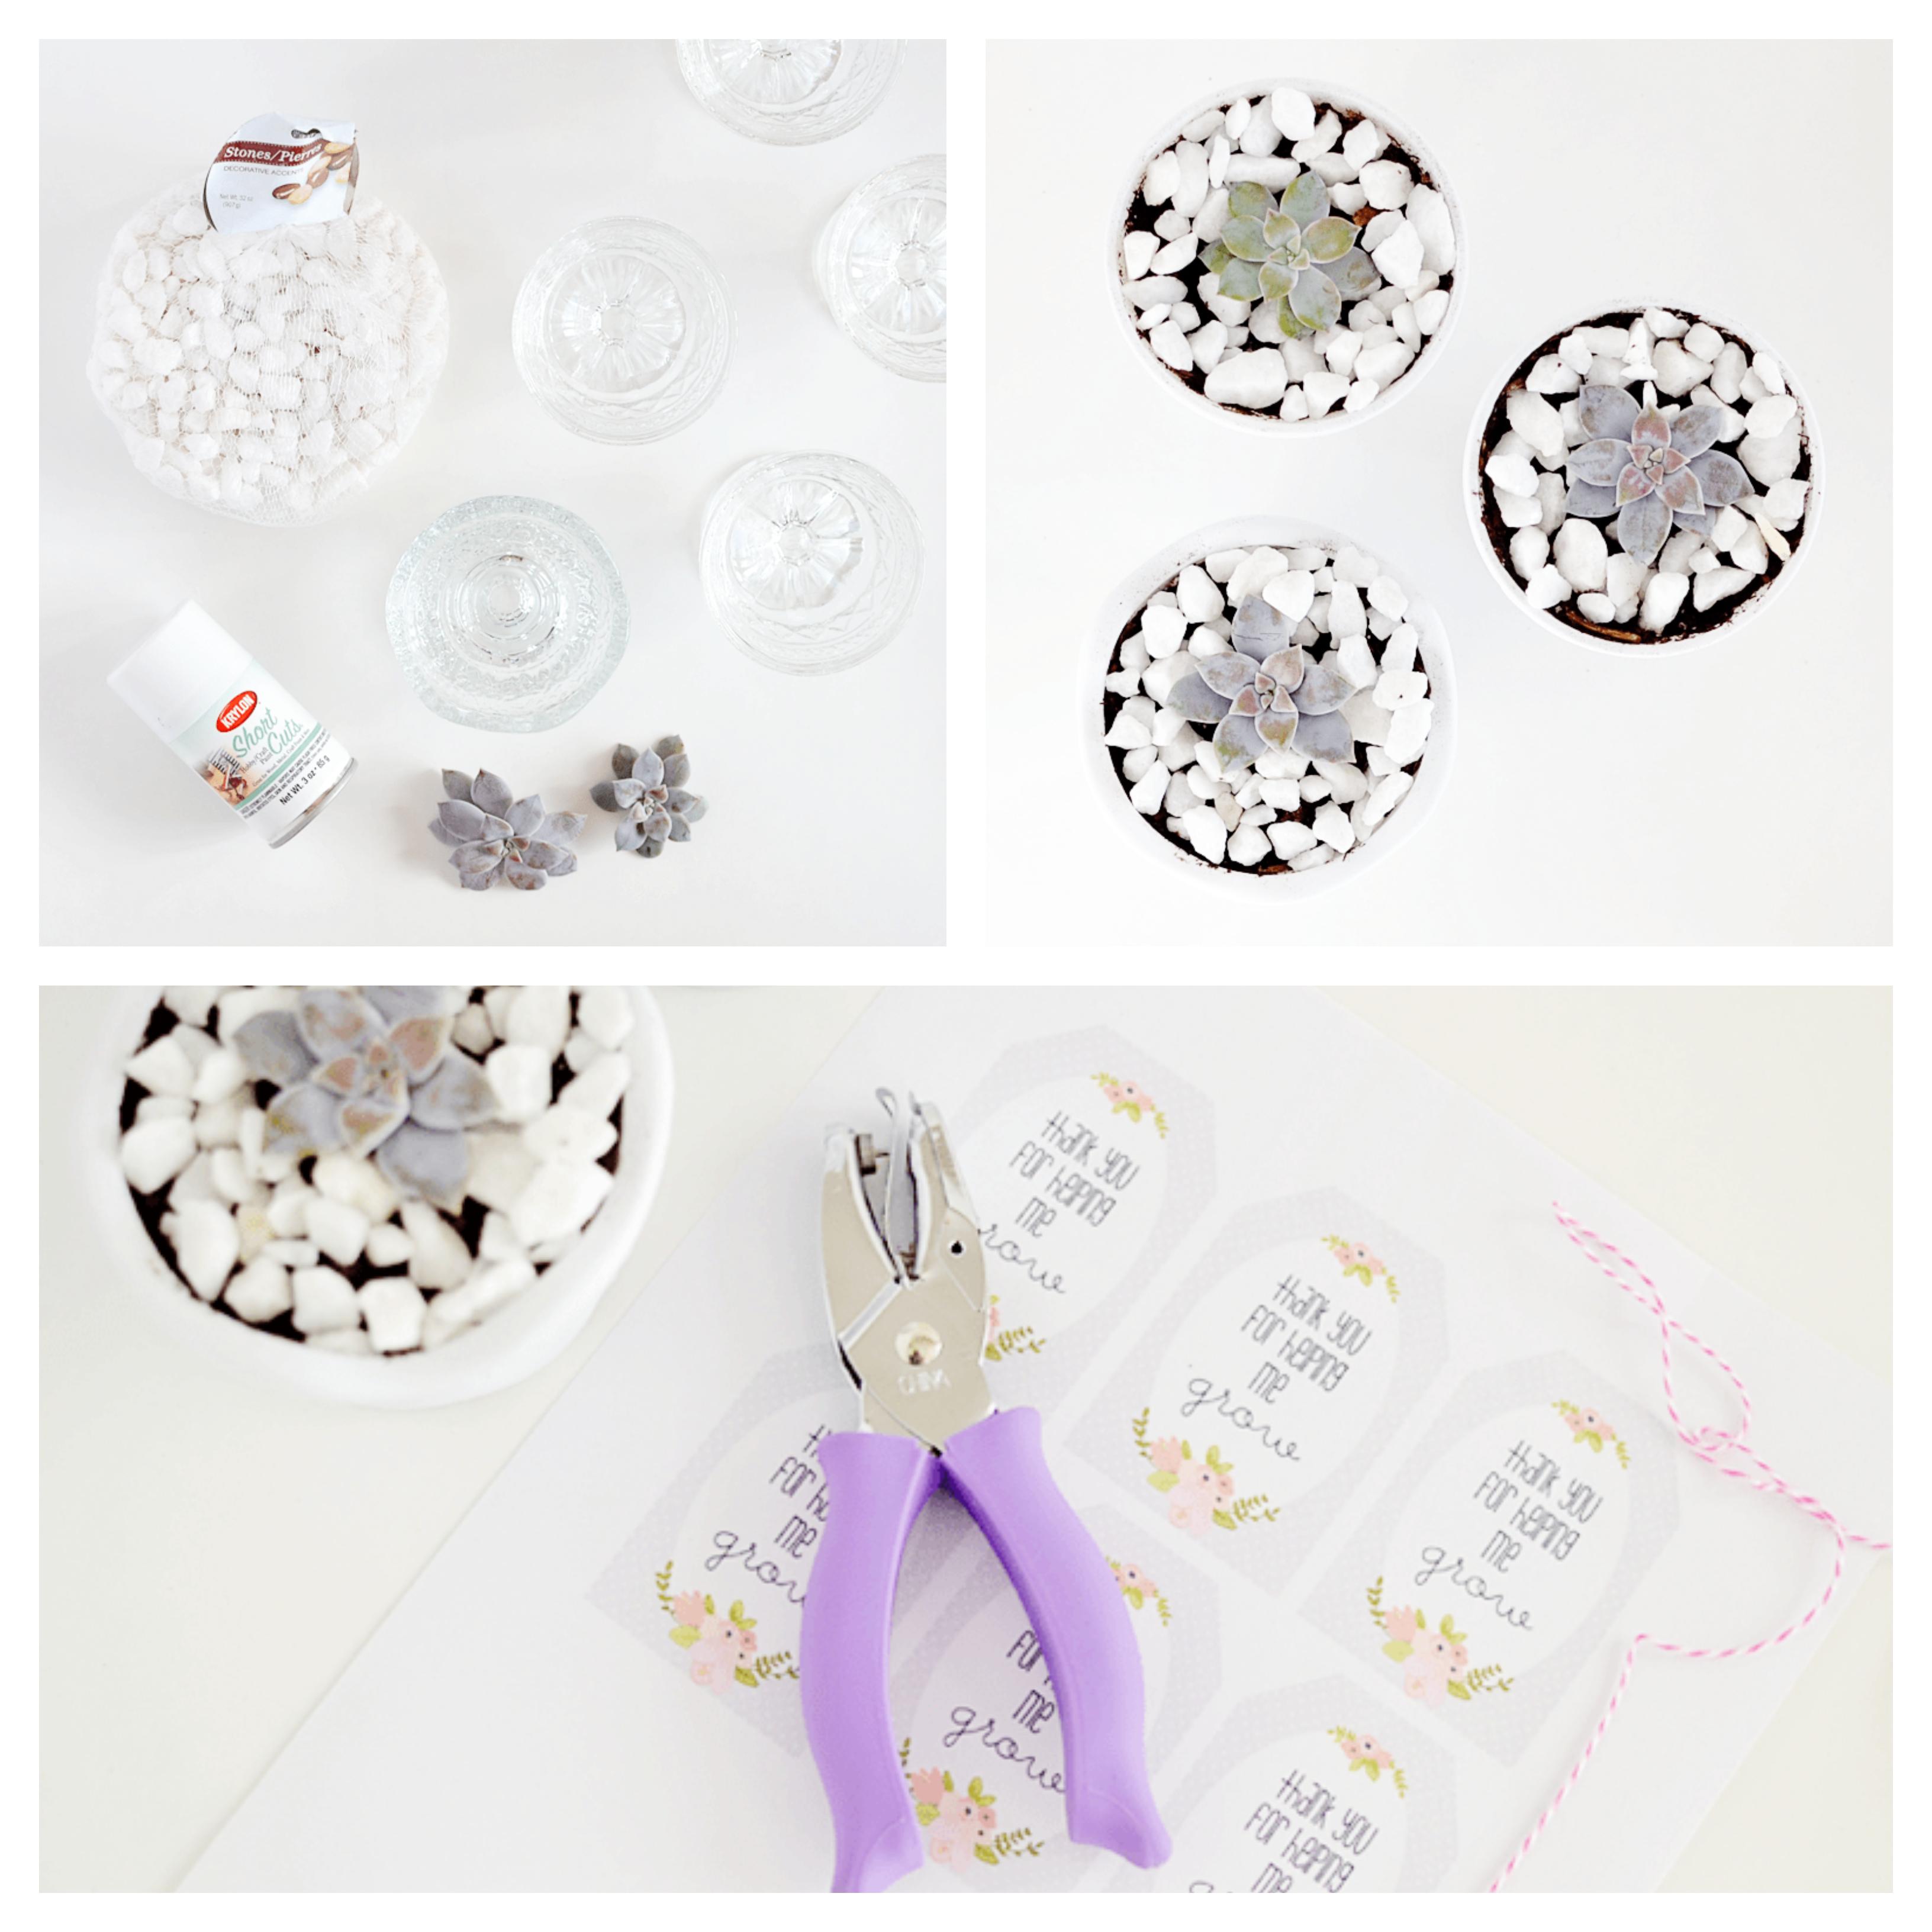 idée de pot de fleurs en verre repeint de peinture blanche avec galets et plante succulente, cadeau pour maitresse a fabriquer